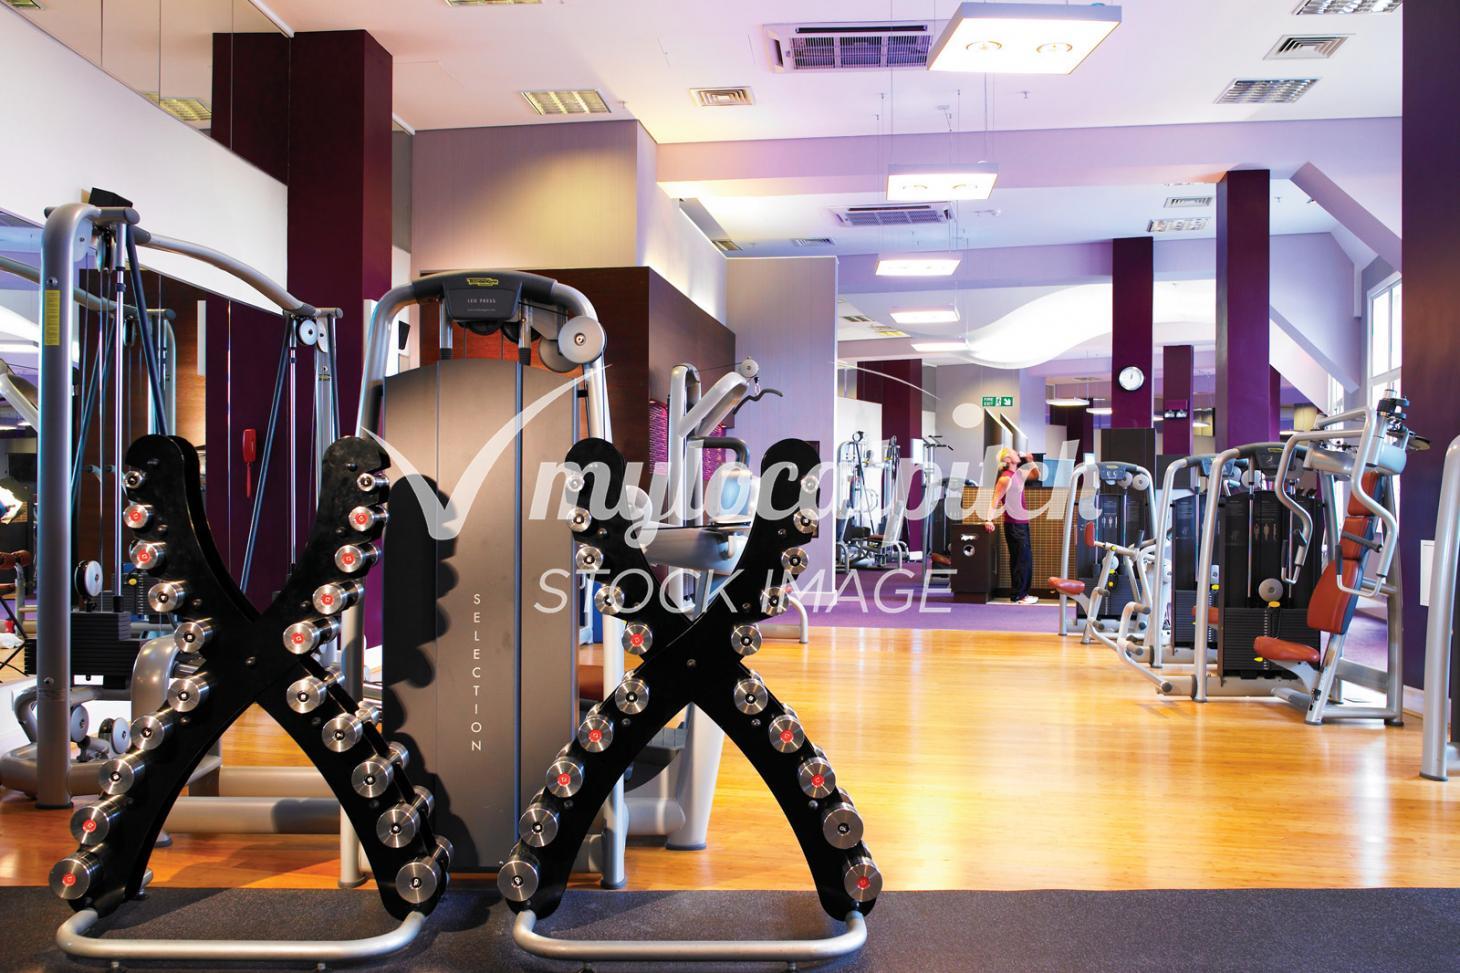 The Priory Link Leisure Centre Gym gym